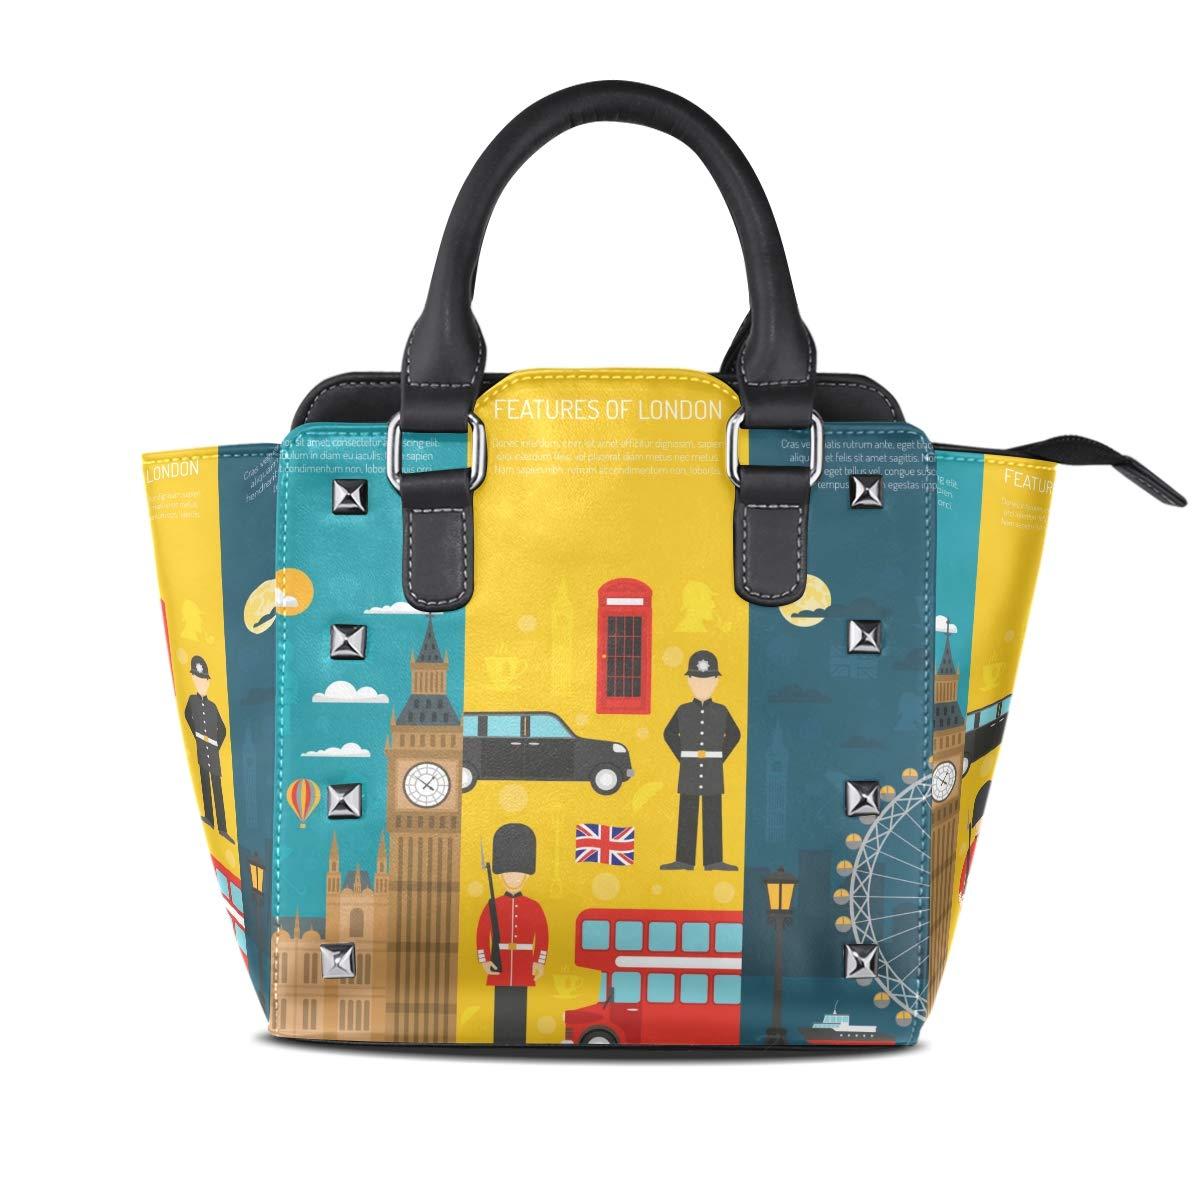 Design5 Handbag England Flags Genuine Leather Tote Rivet Bag Shoulder Strap Top Handle Women